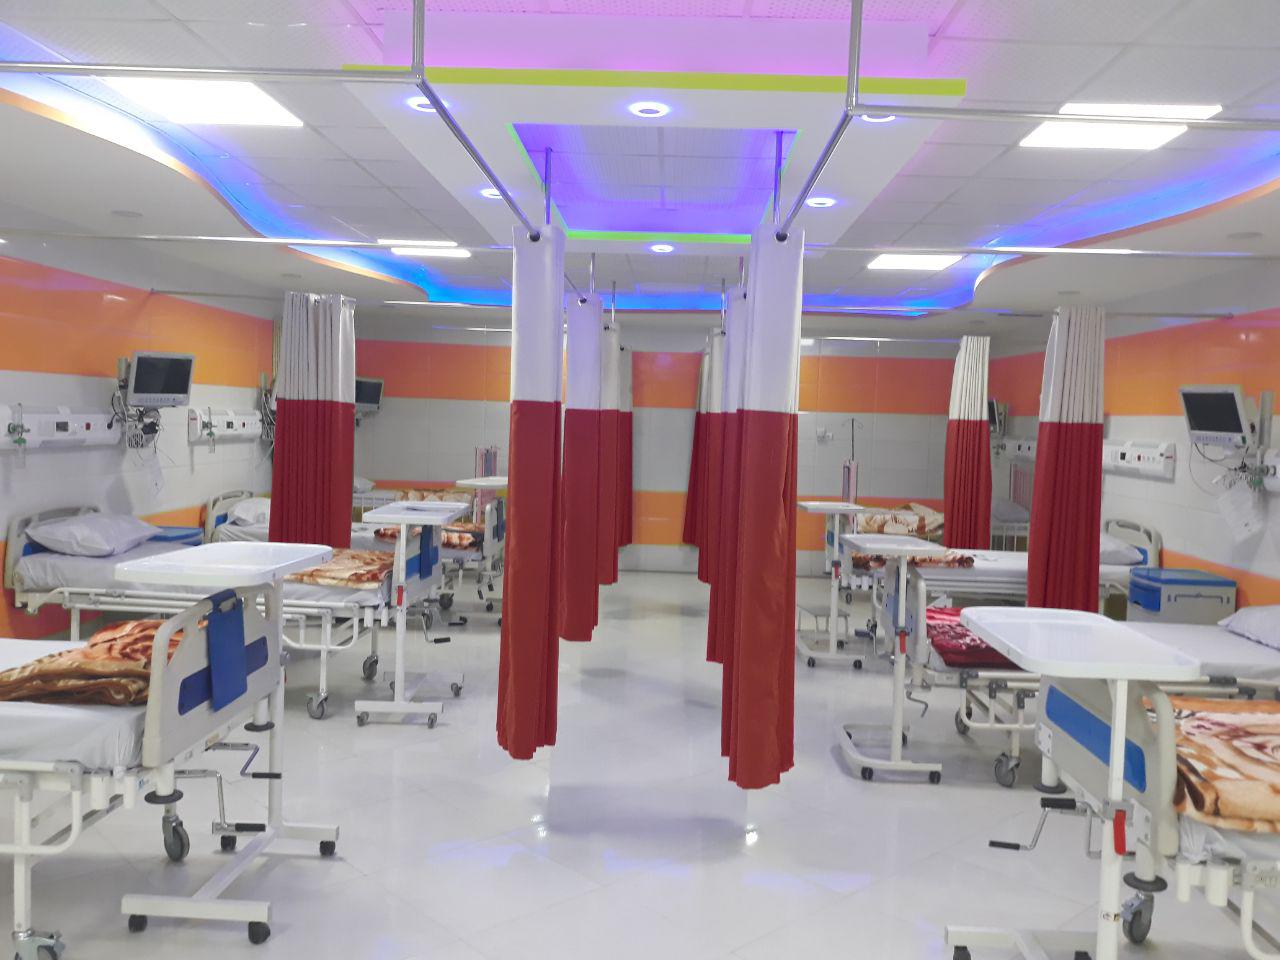 پرده بیمارستانی با کیفیت